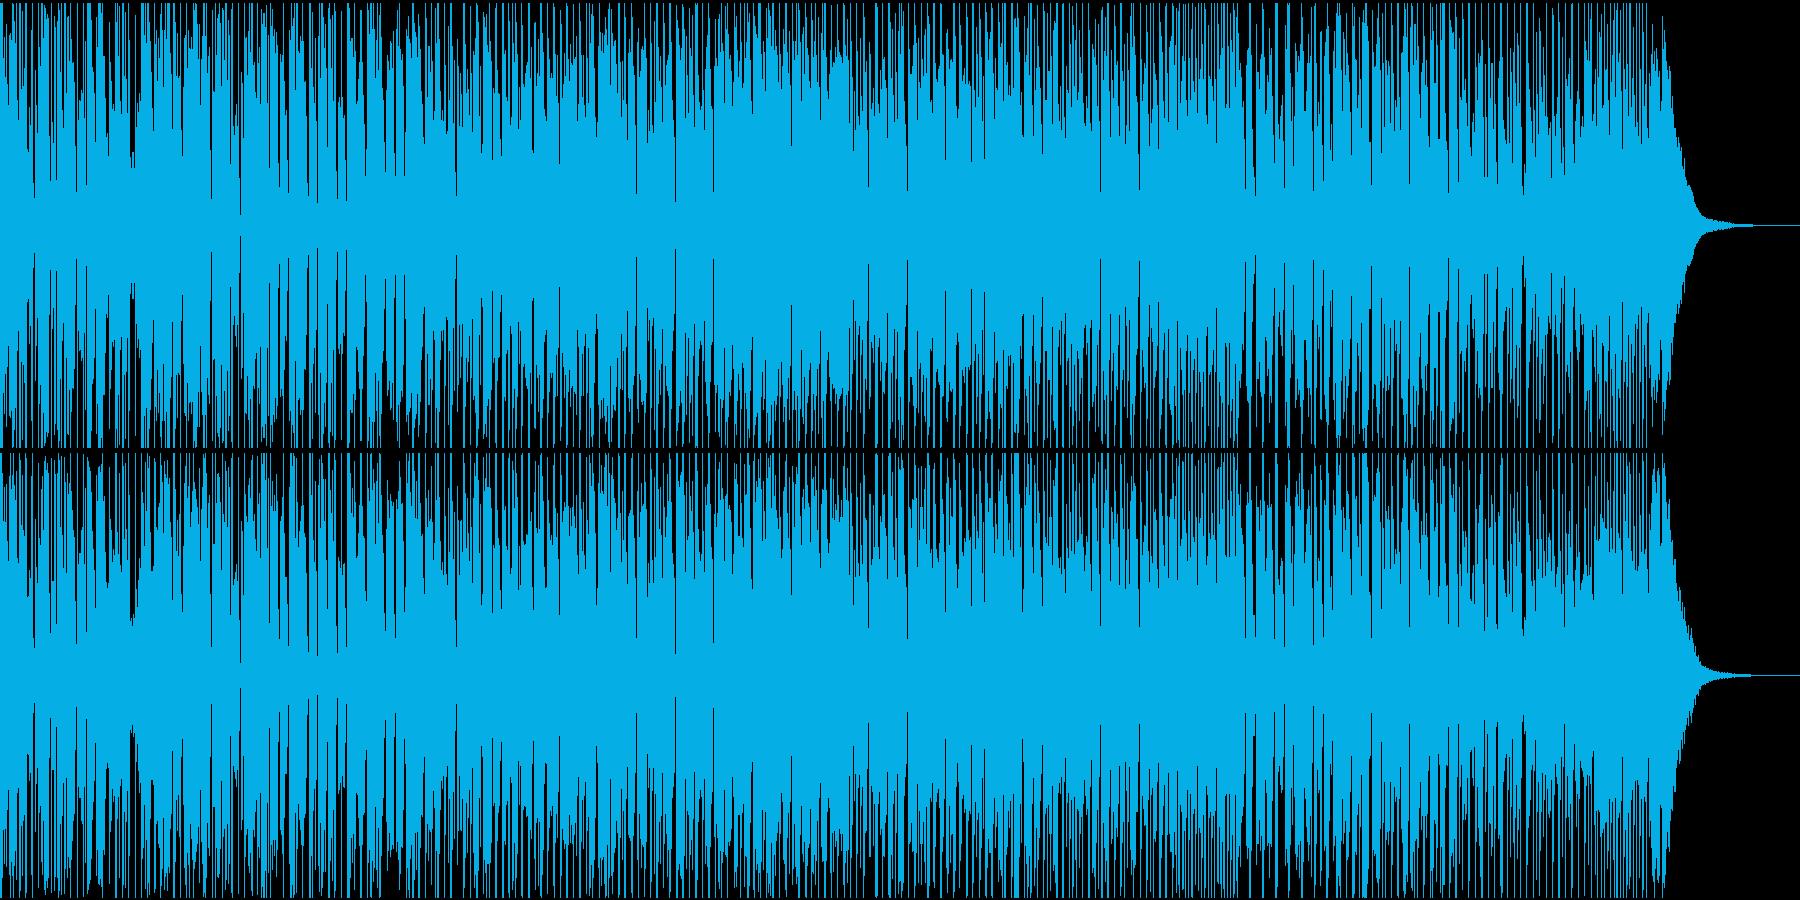 洋楽のダンスミュージックっぽいBGMの再生済みの波形